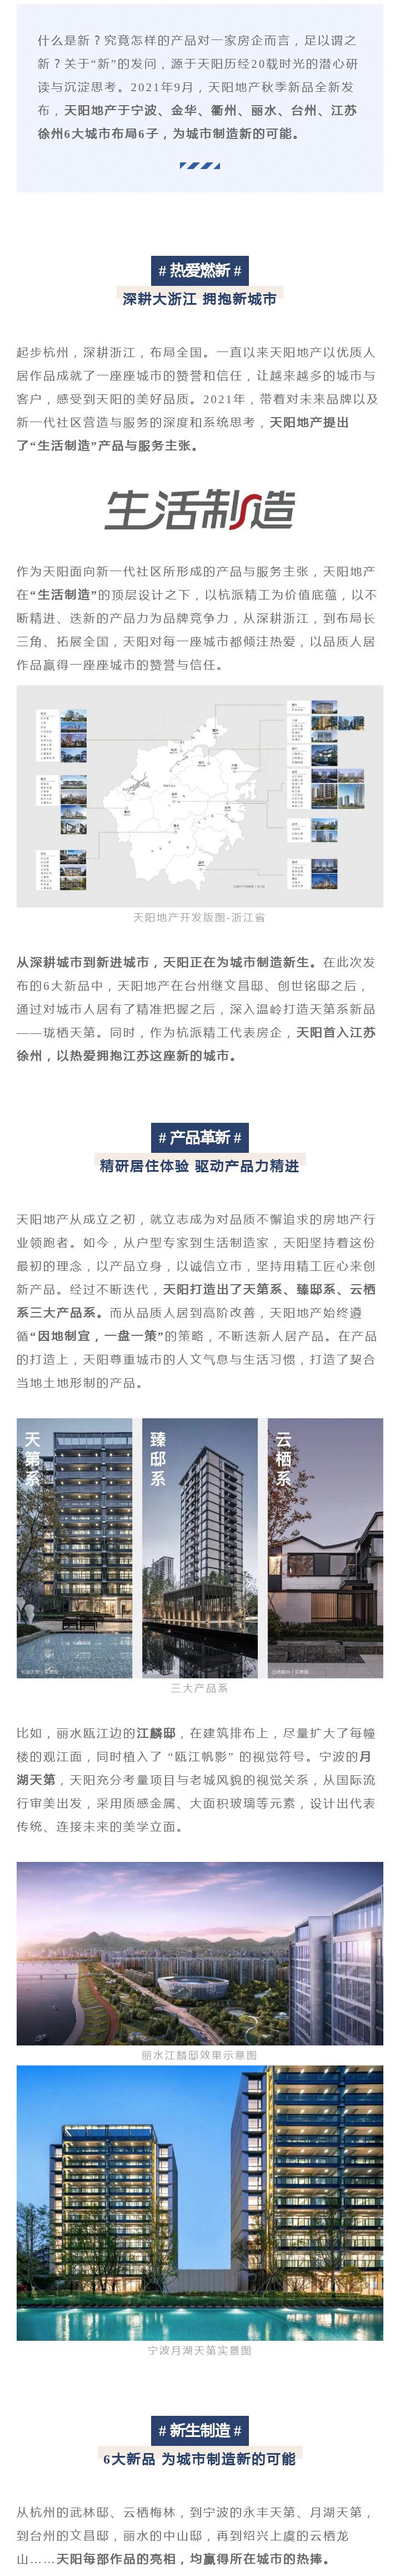 新生制造丨天阳2021秋季六大新品,为城市制造新的可能_01.jpg